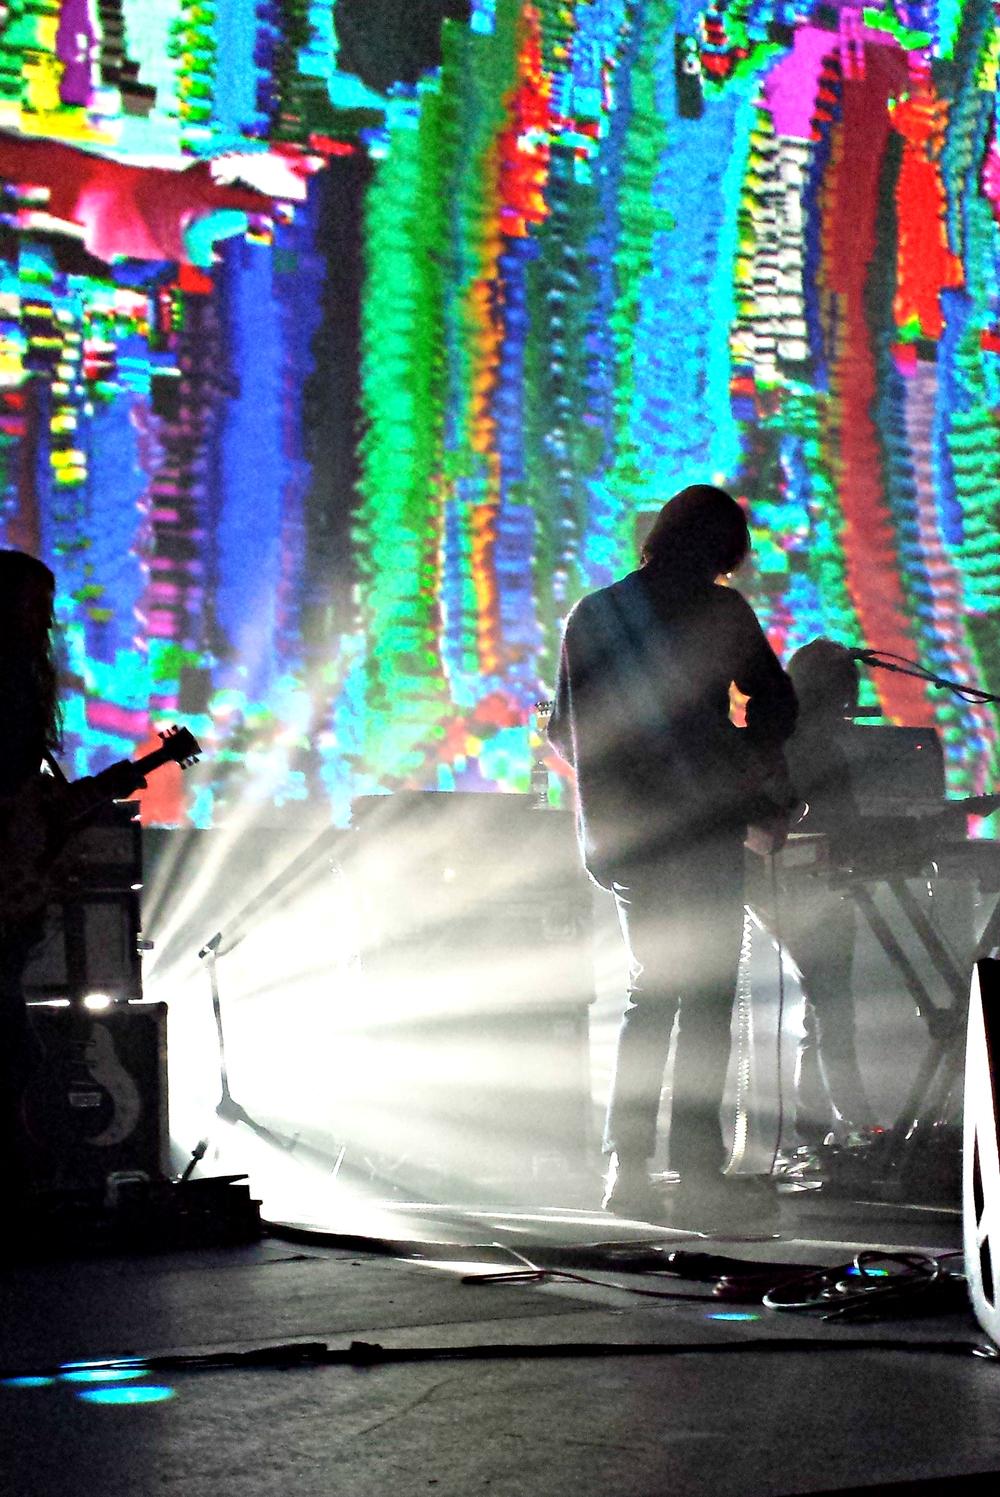 MGMT performing live at The Tabernacle in Atlanta, GA.